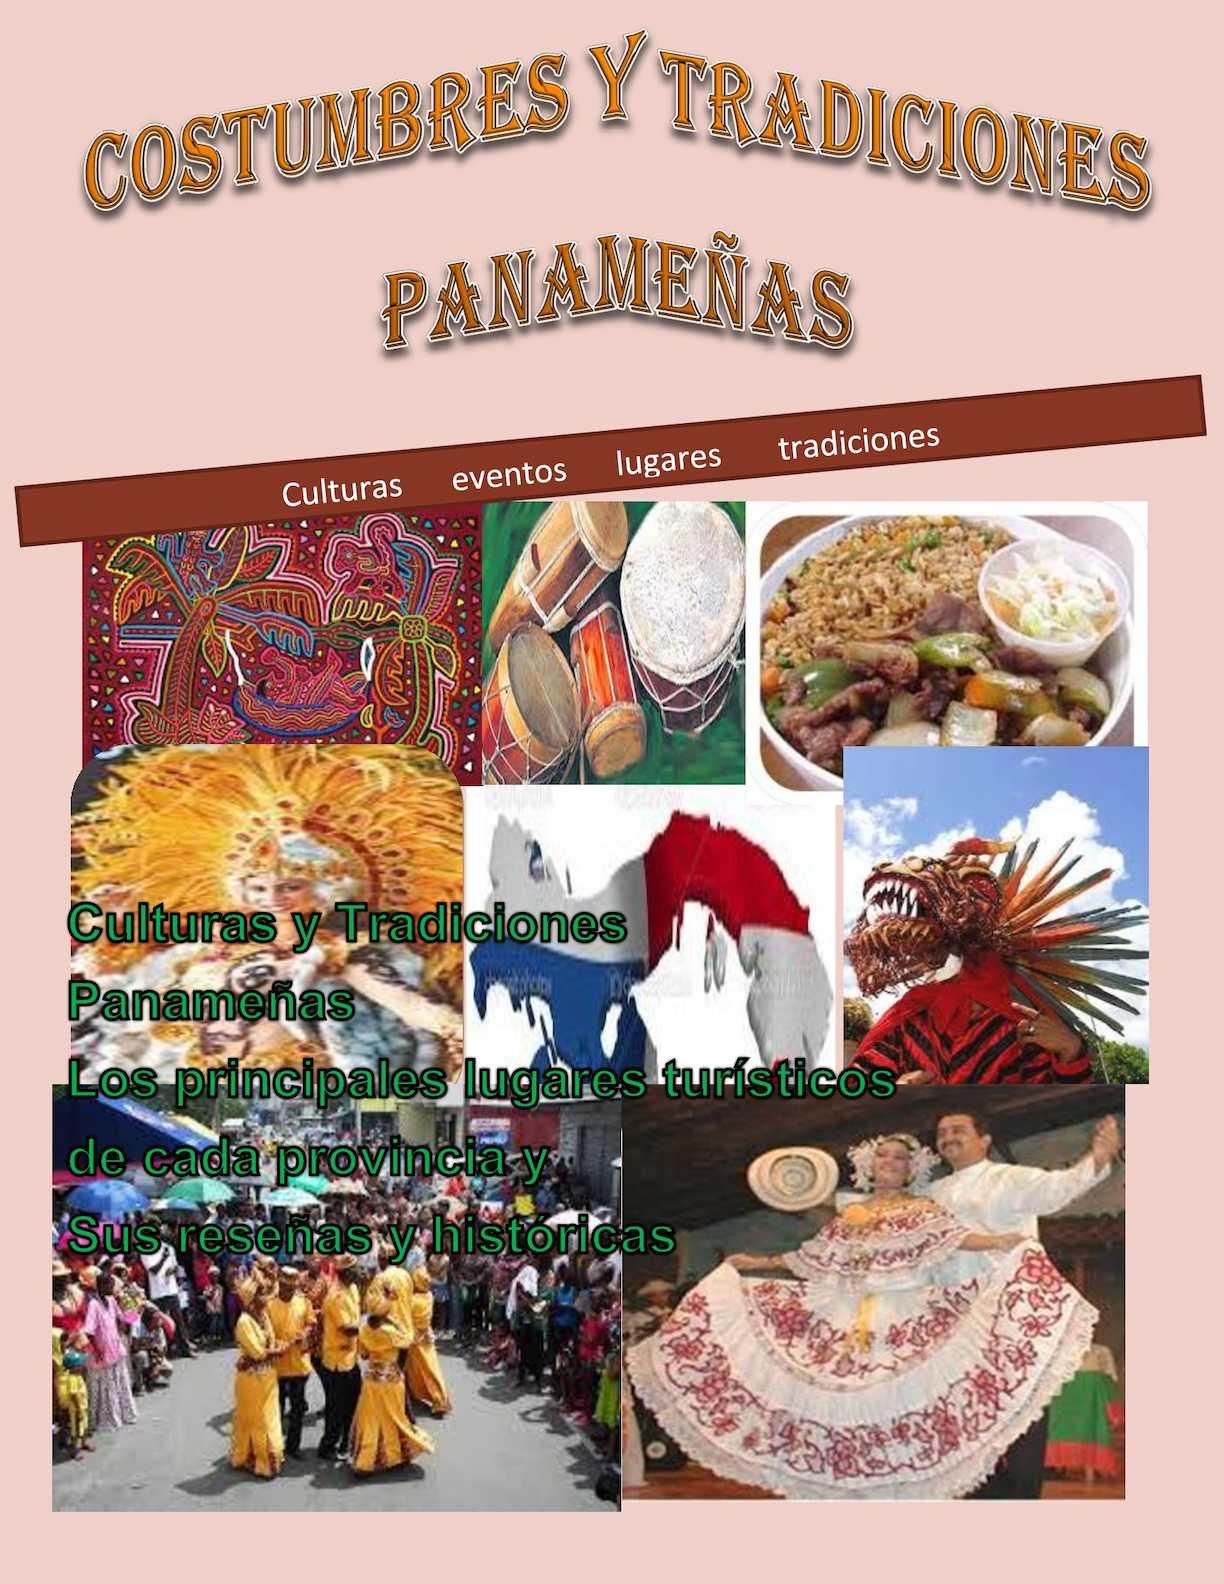 Costumbres Y Tradiciones Panameñas